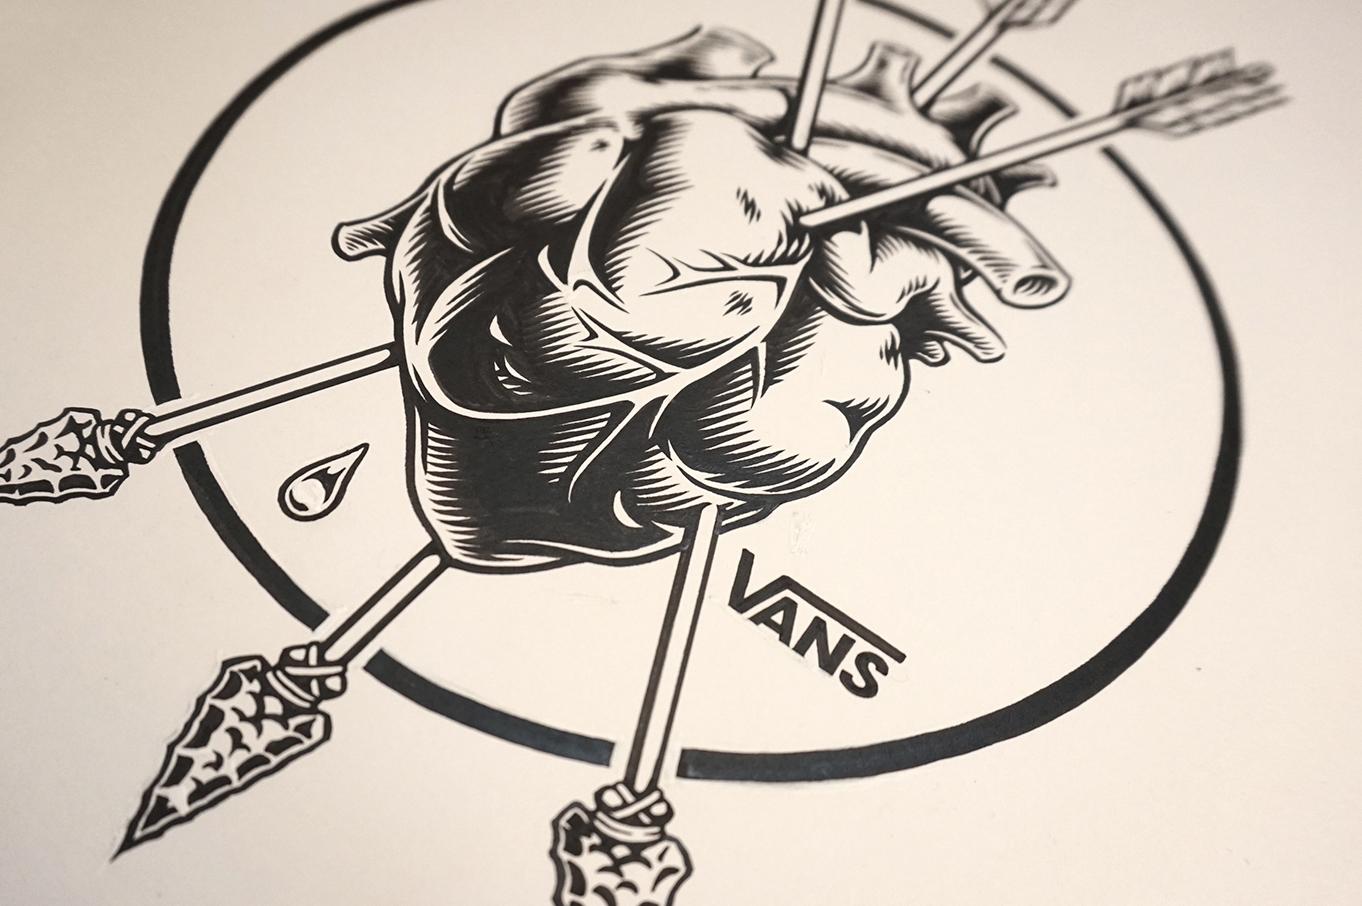 vans_illustration.jpg